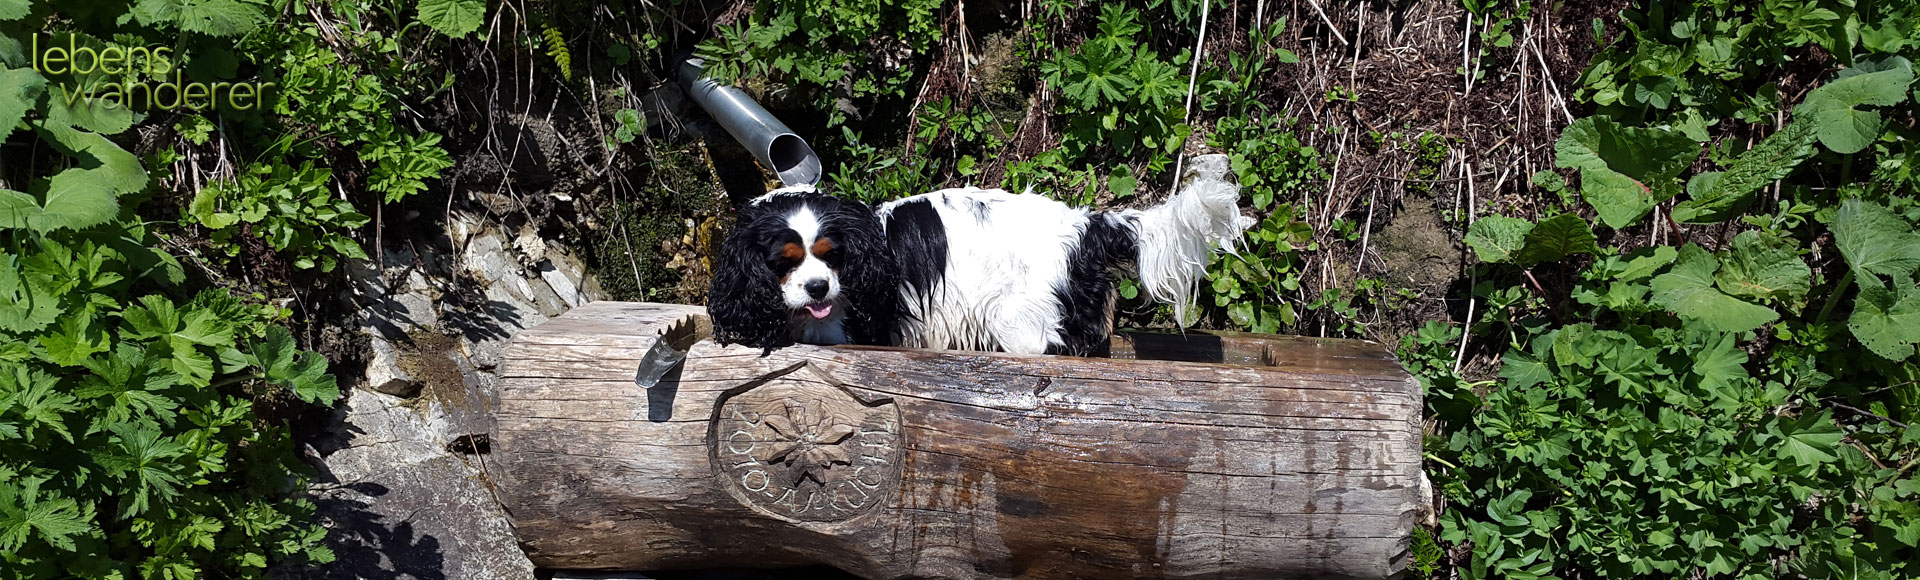 Tiergespräche - Hundesitting - Hundewanderungen